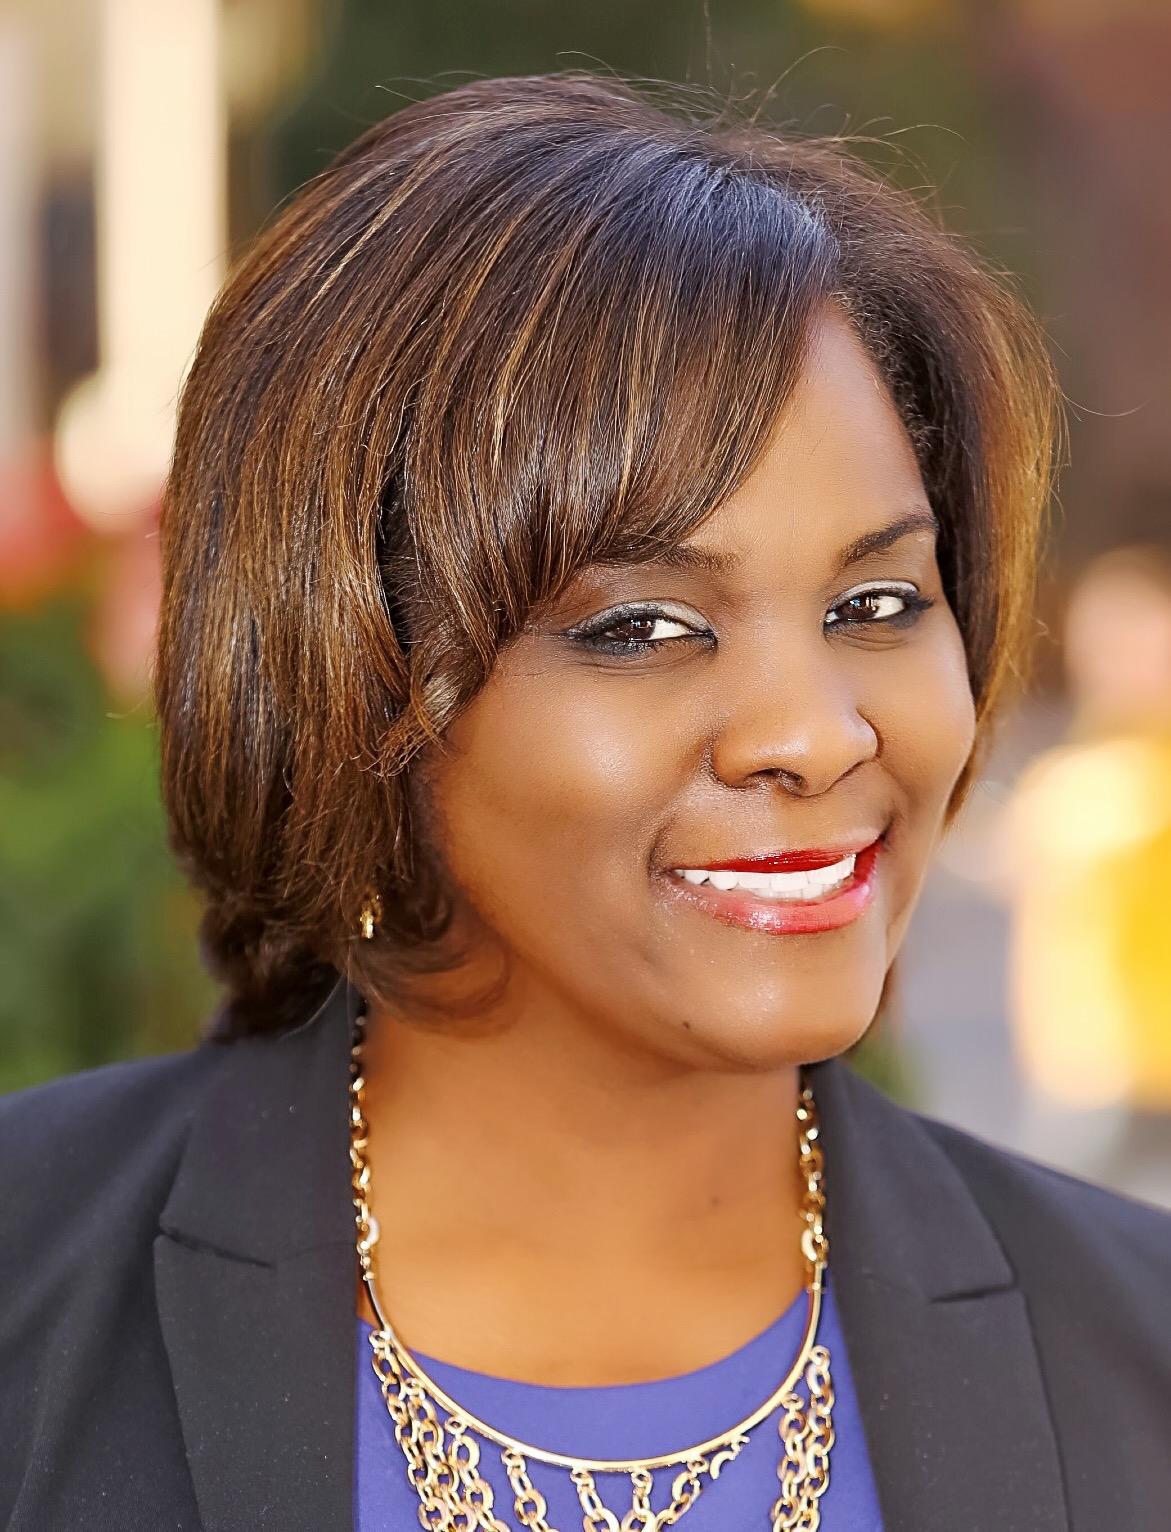 Nicol Turner Lee